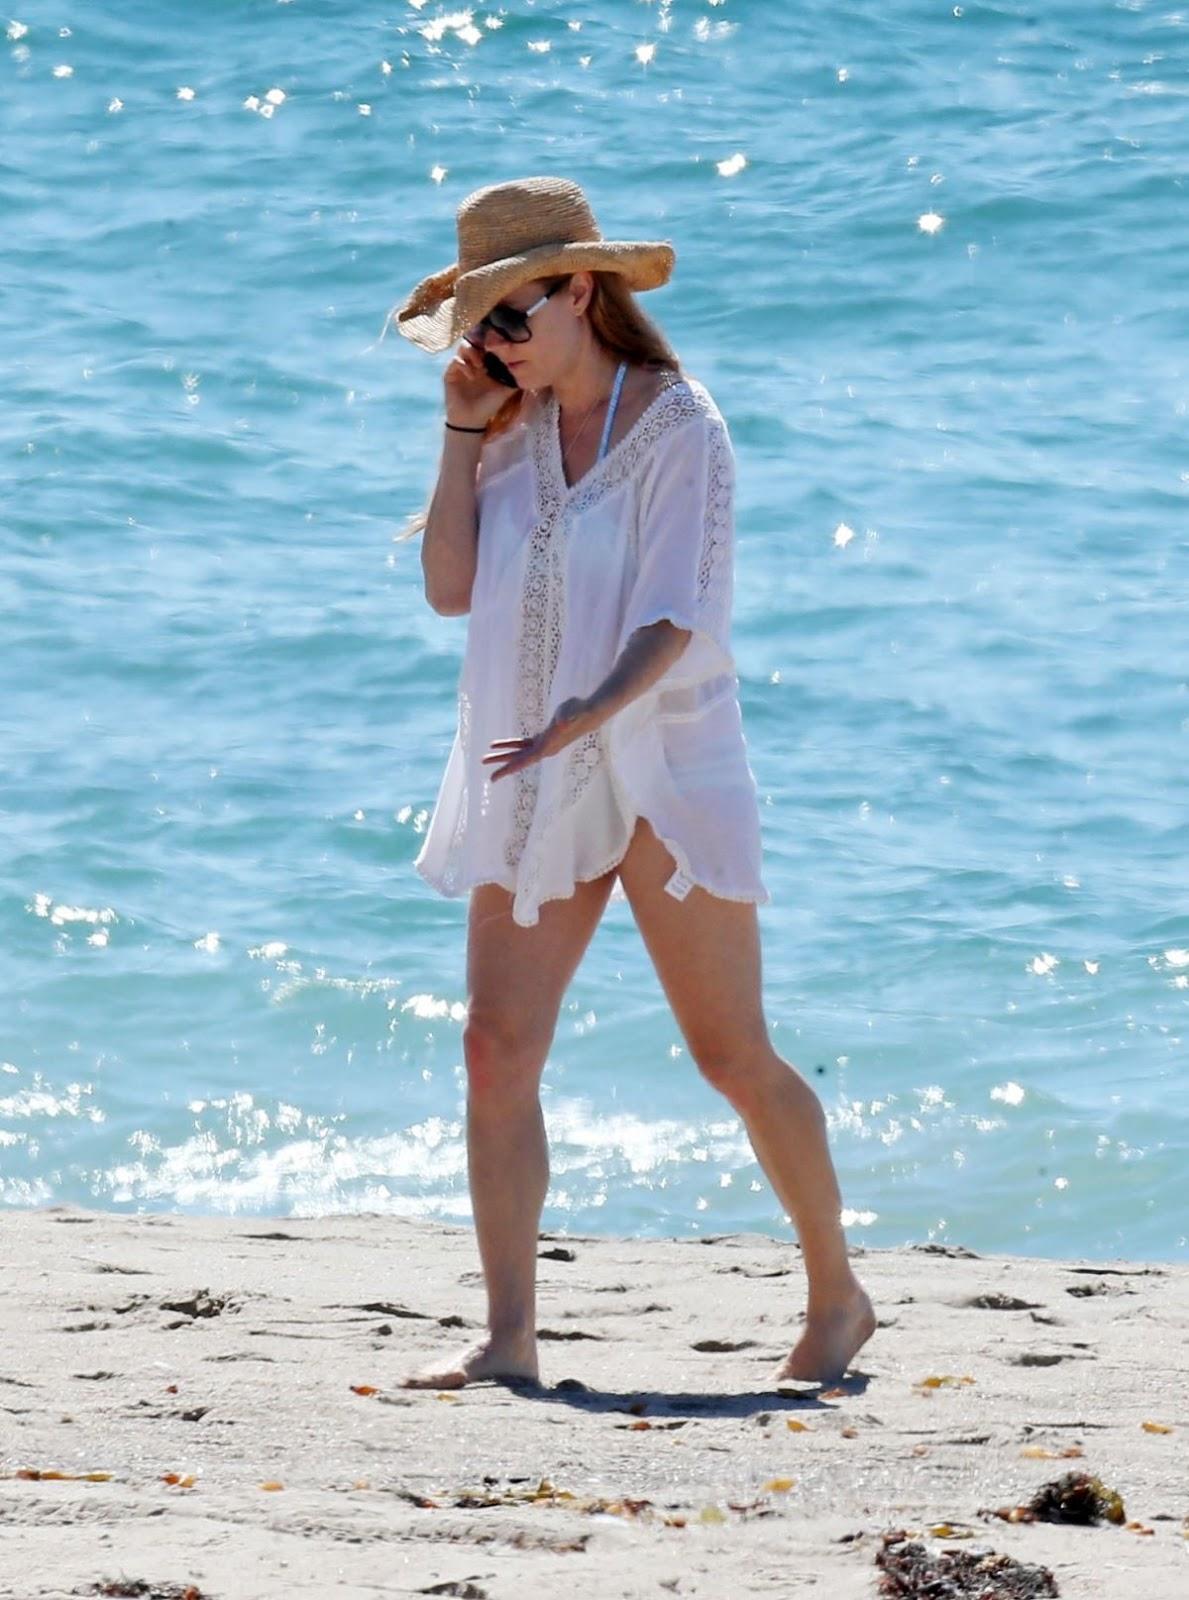 Amy Adams On the Beach 2016